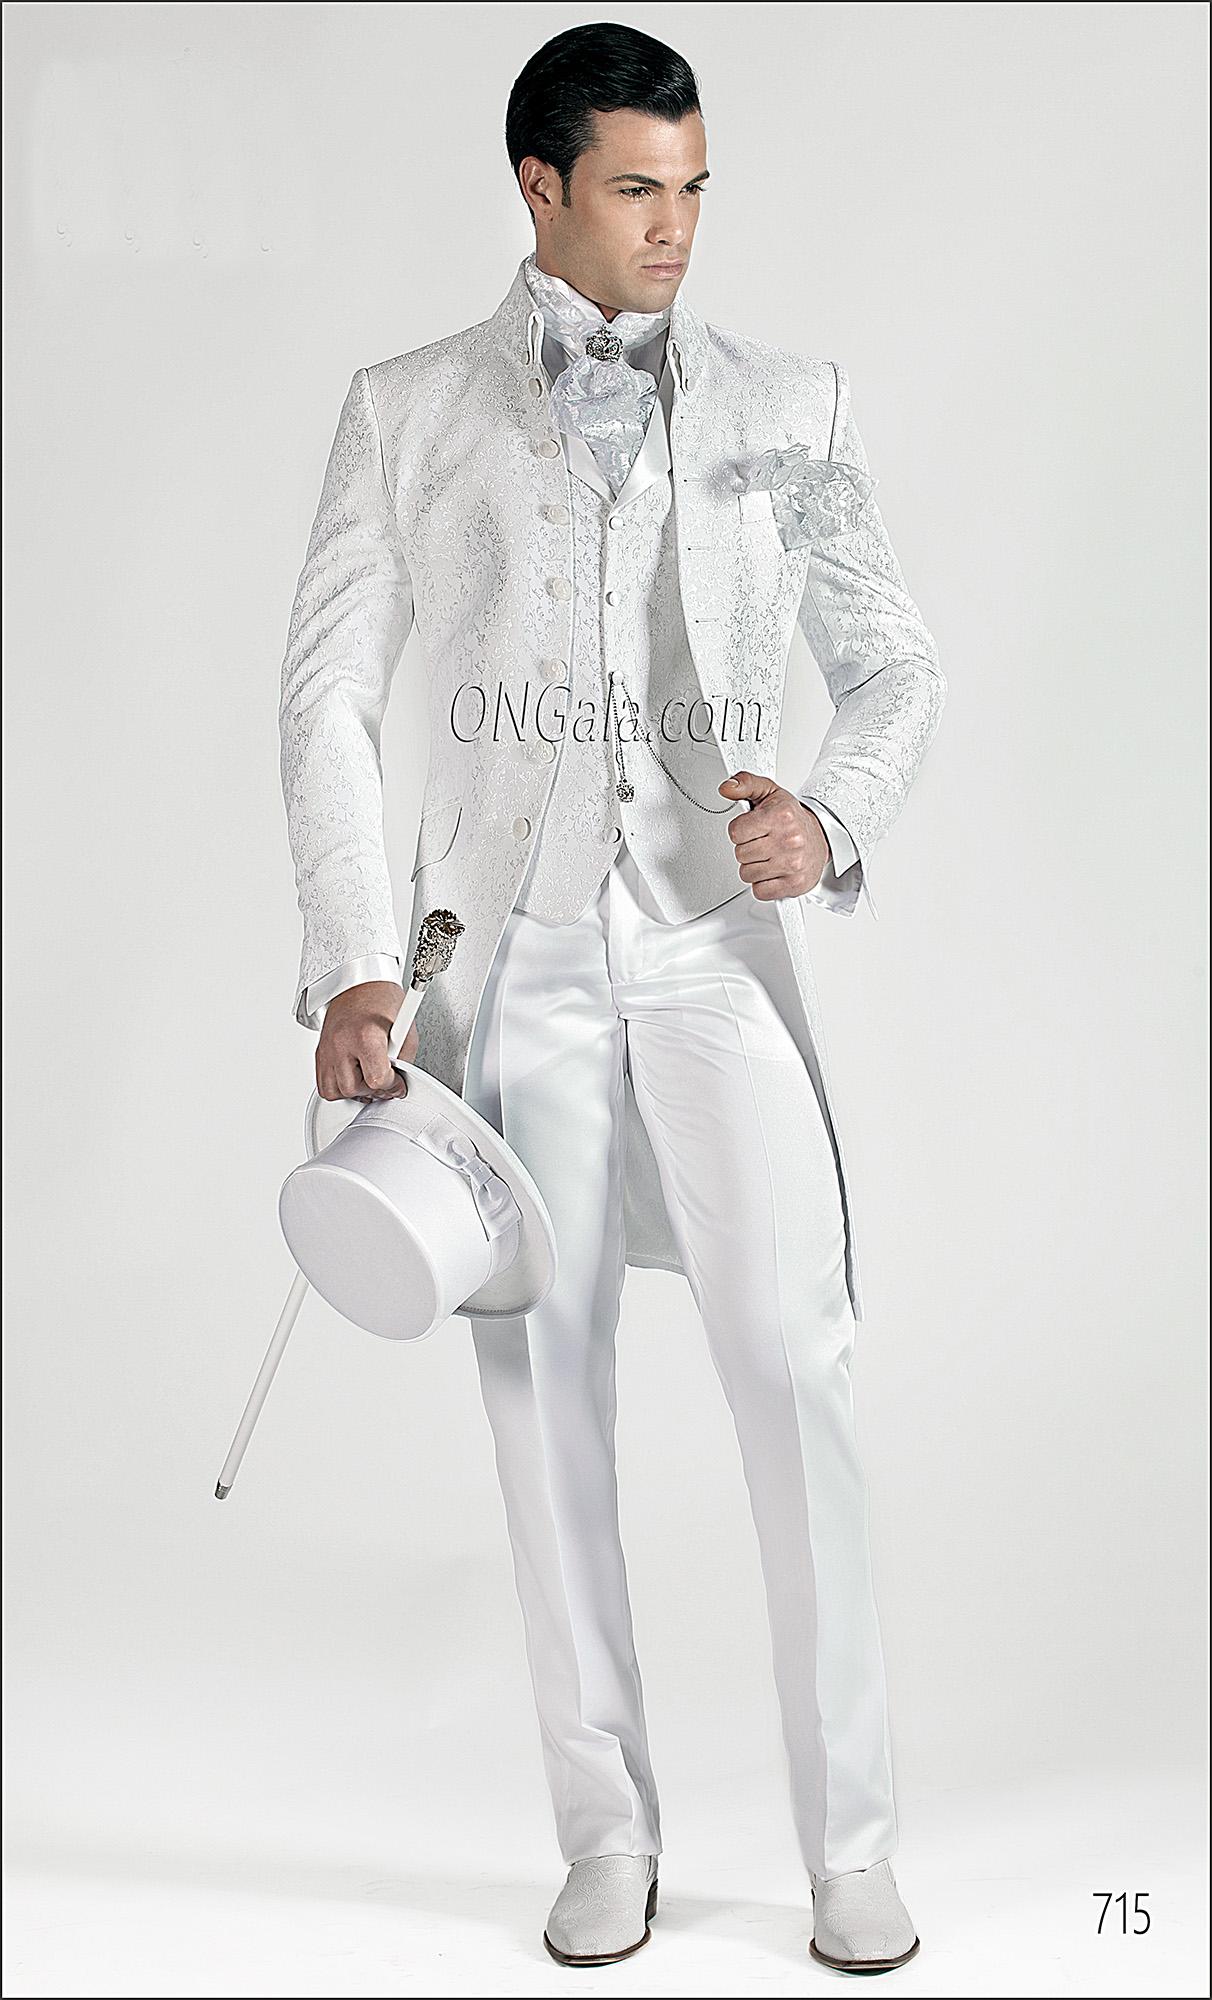 Vestito Matrimonio Uomo Con Cilindro : Vestito da sposo uomo bianco abito da sposo bianco con giacca